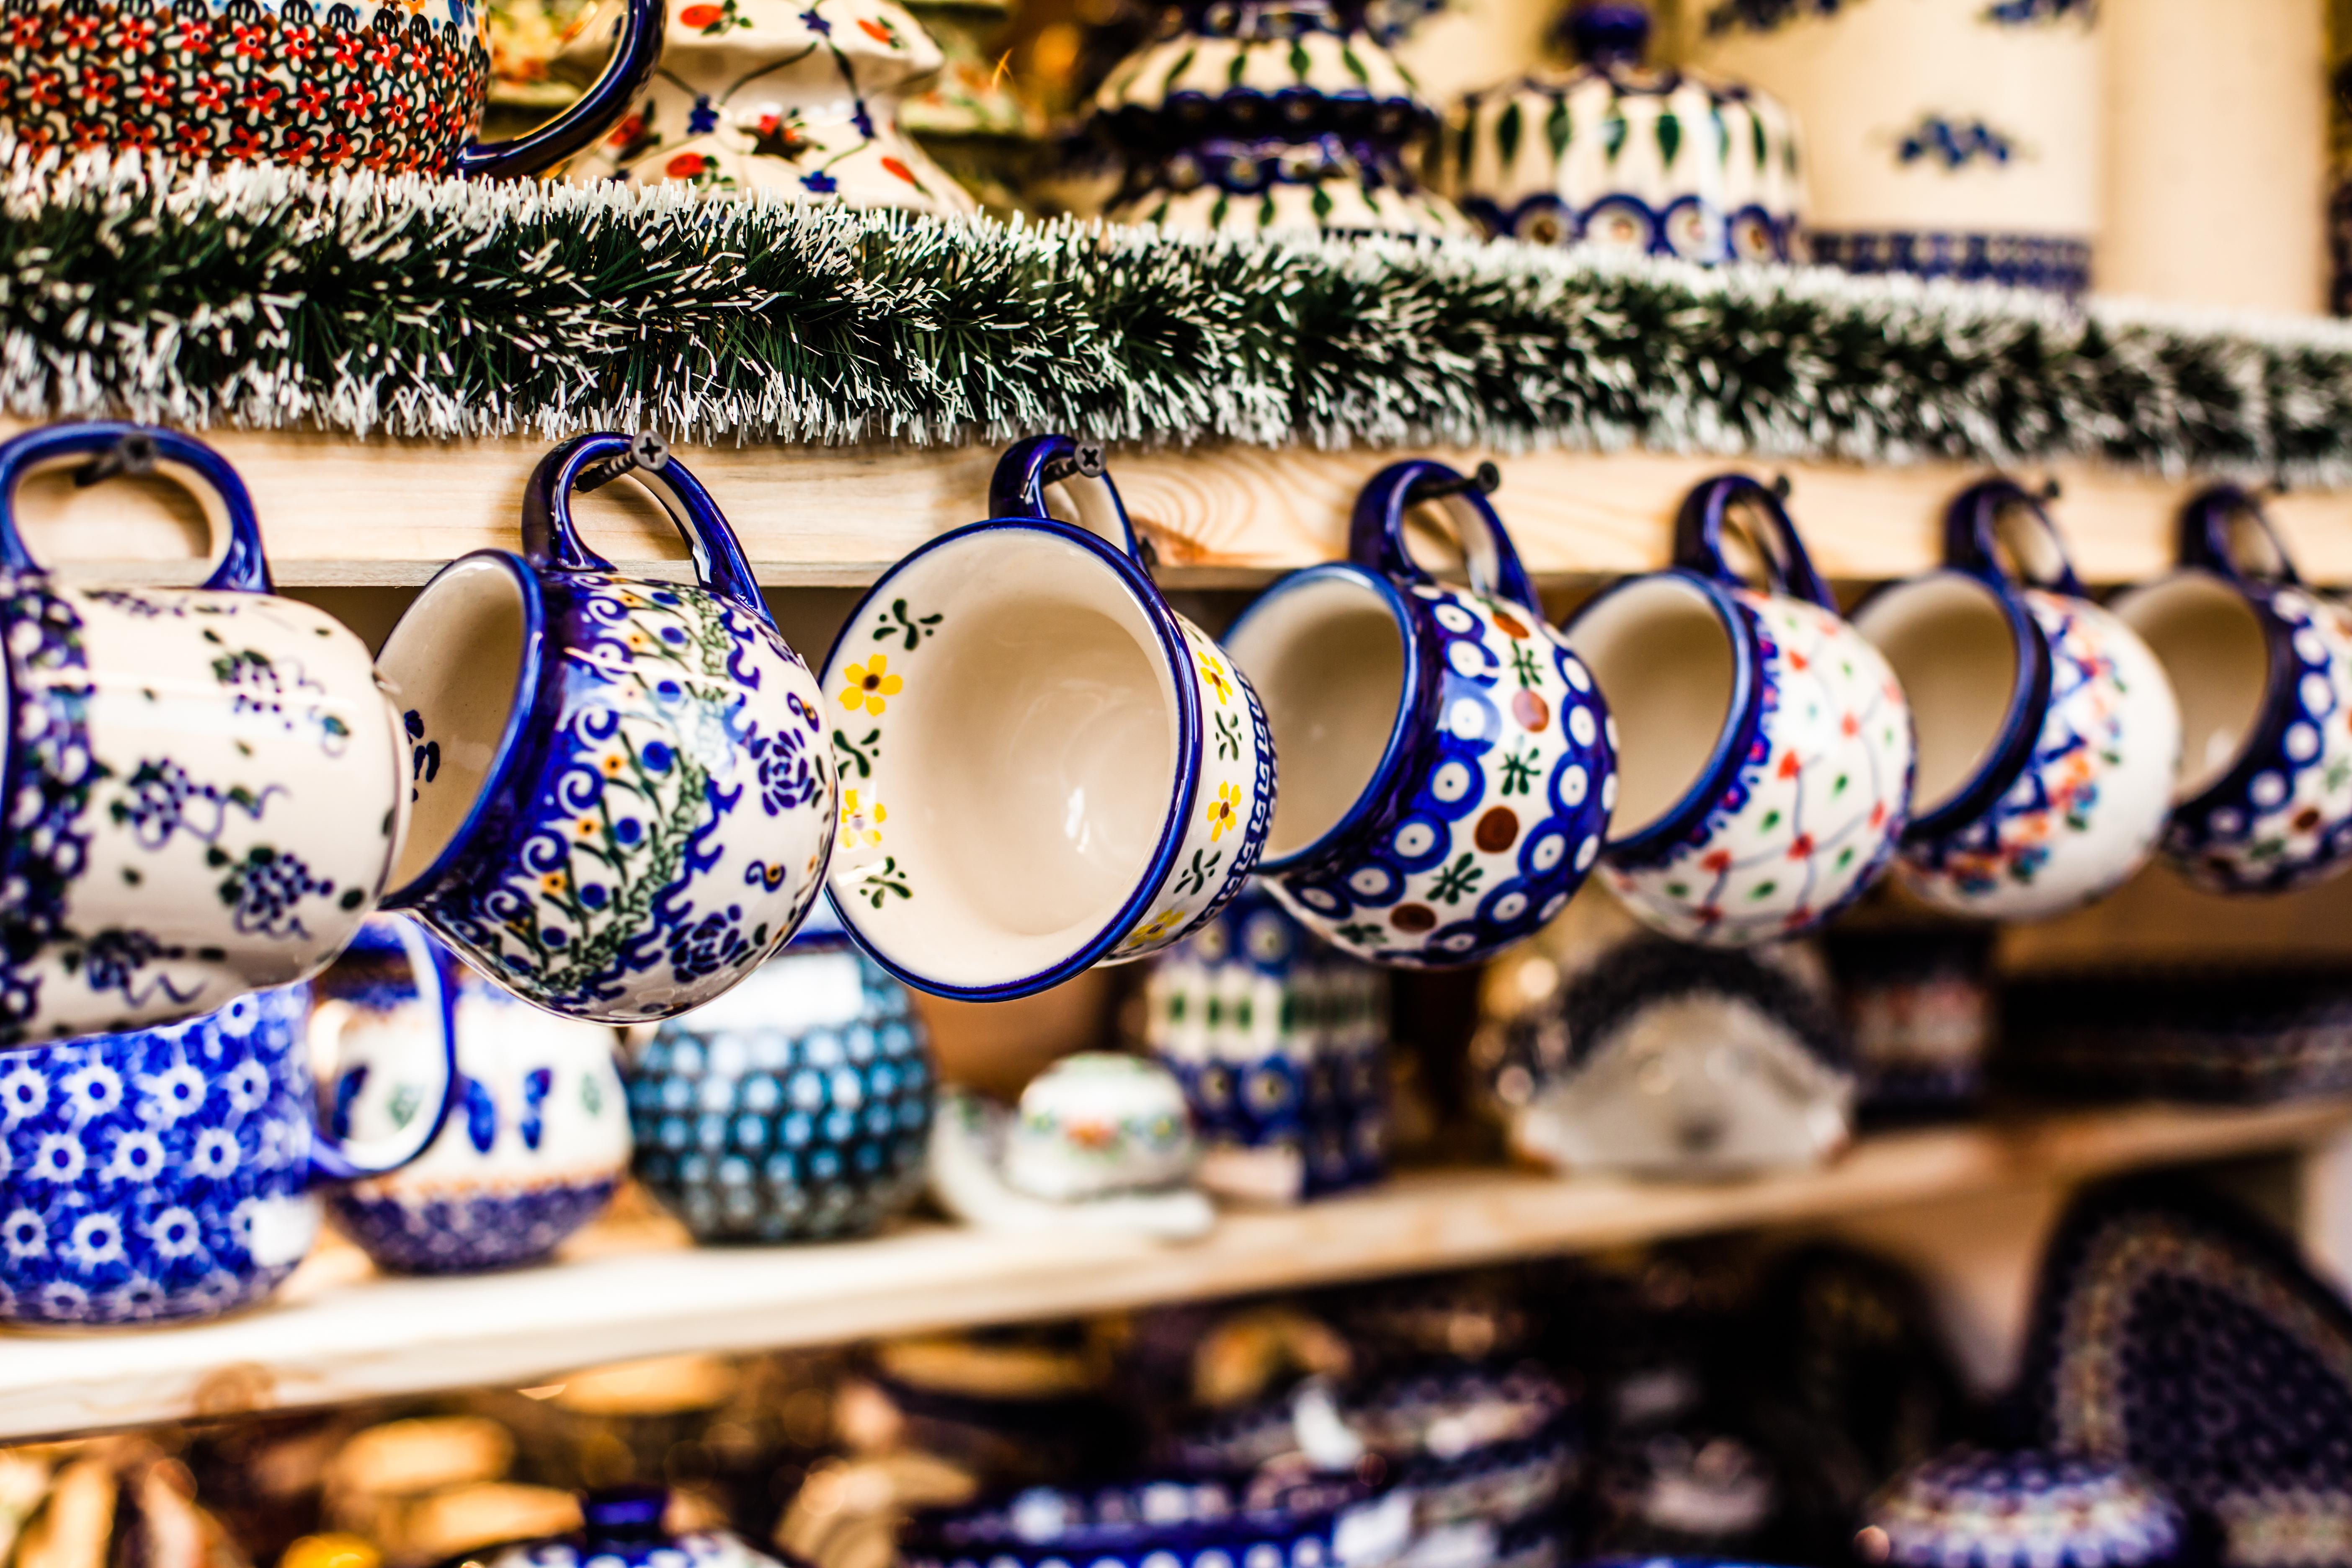 Polish Pottery Mug The Top 10 Most Colourful Ceramic Mugs